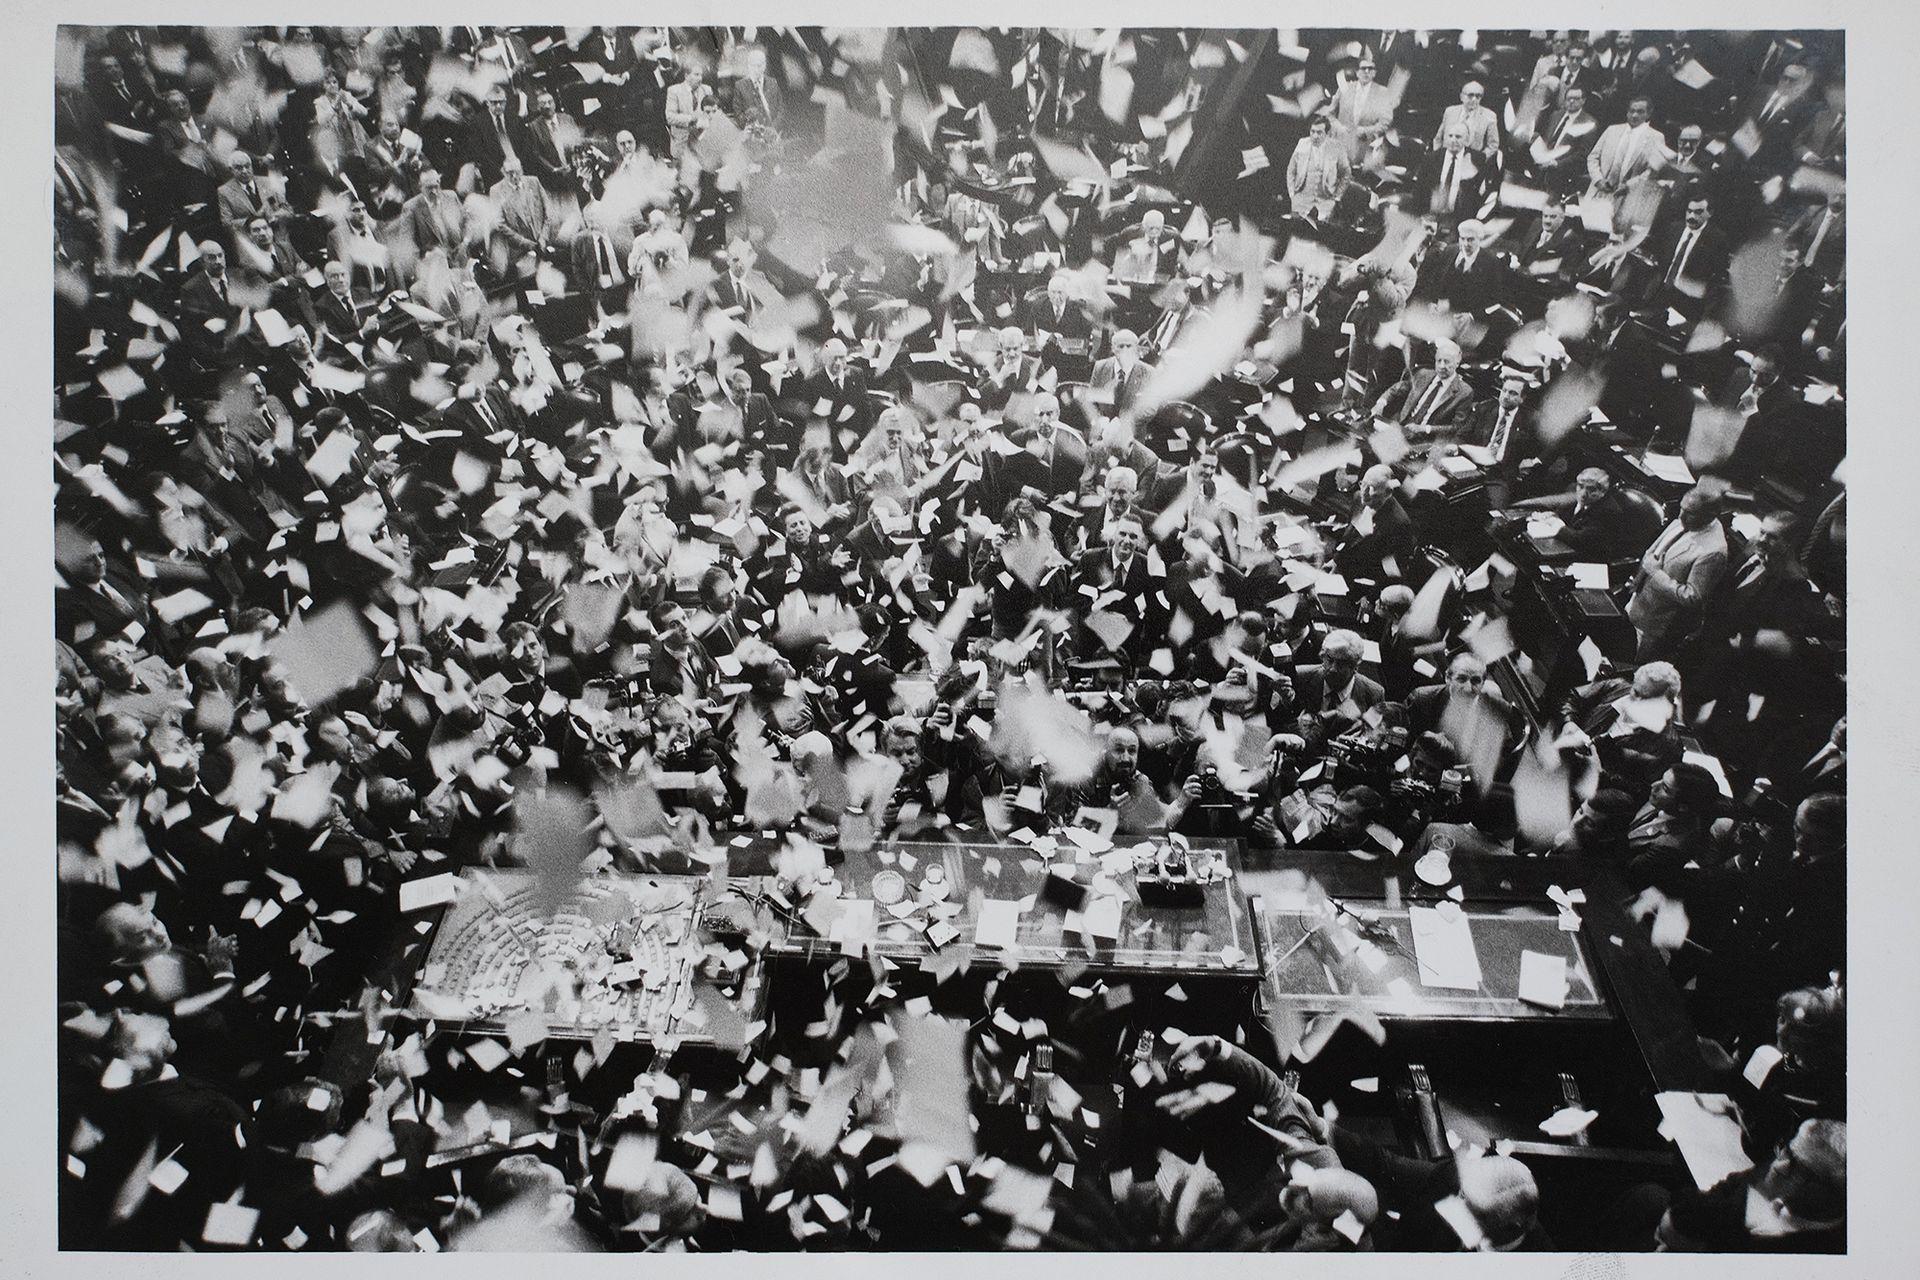 Lluvia de papelitos recibe a Raúl Alfonsin en la Cámara de Diputados del Congreso Nacional, el 1 de mayo de 1989 Reproducciones que pertenecieron al archivo de Tiempo Argentino, Cronista Comercial y La Opinión. Muchas son de las agencias DyN y Telam. Corresponden a la década del 70 y 80.